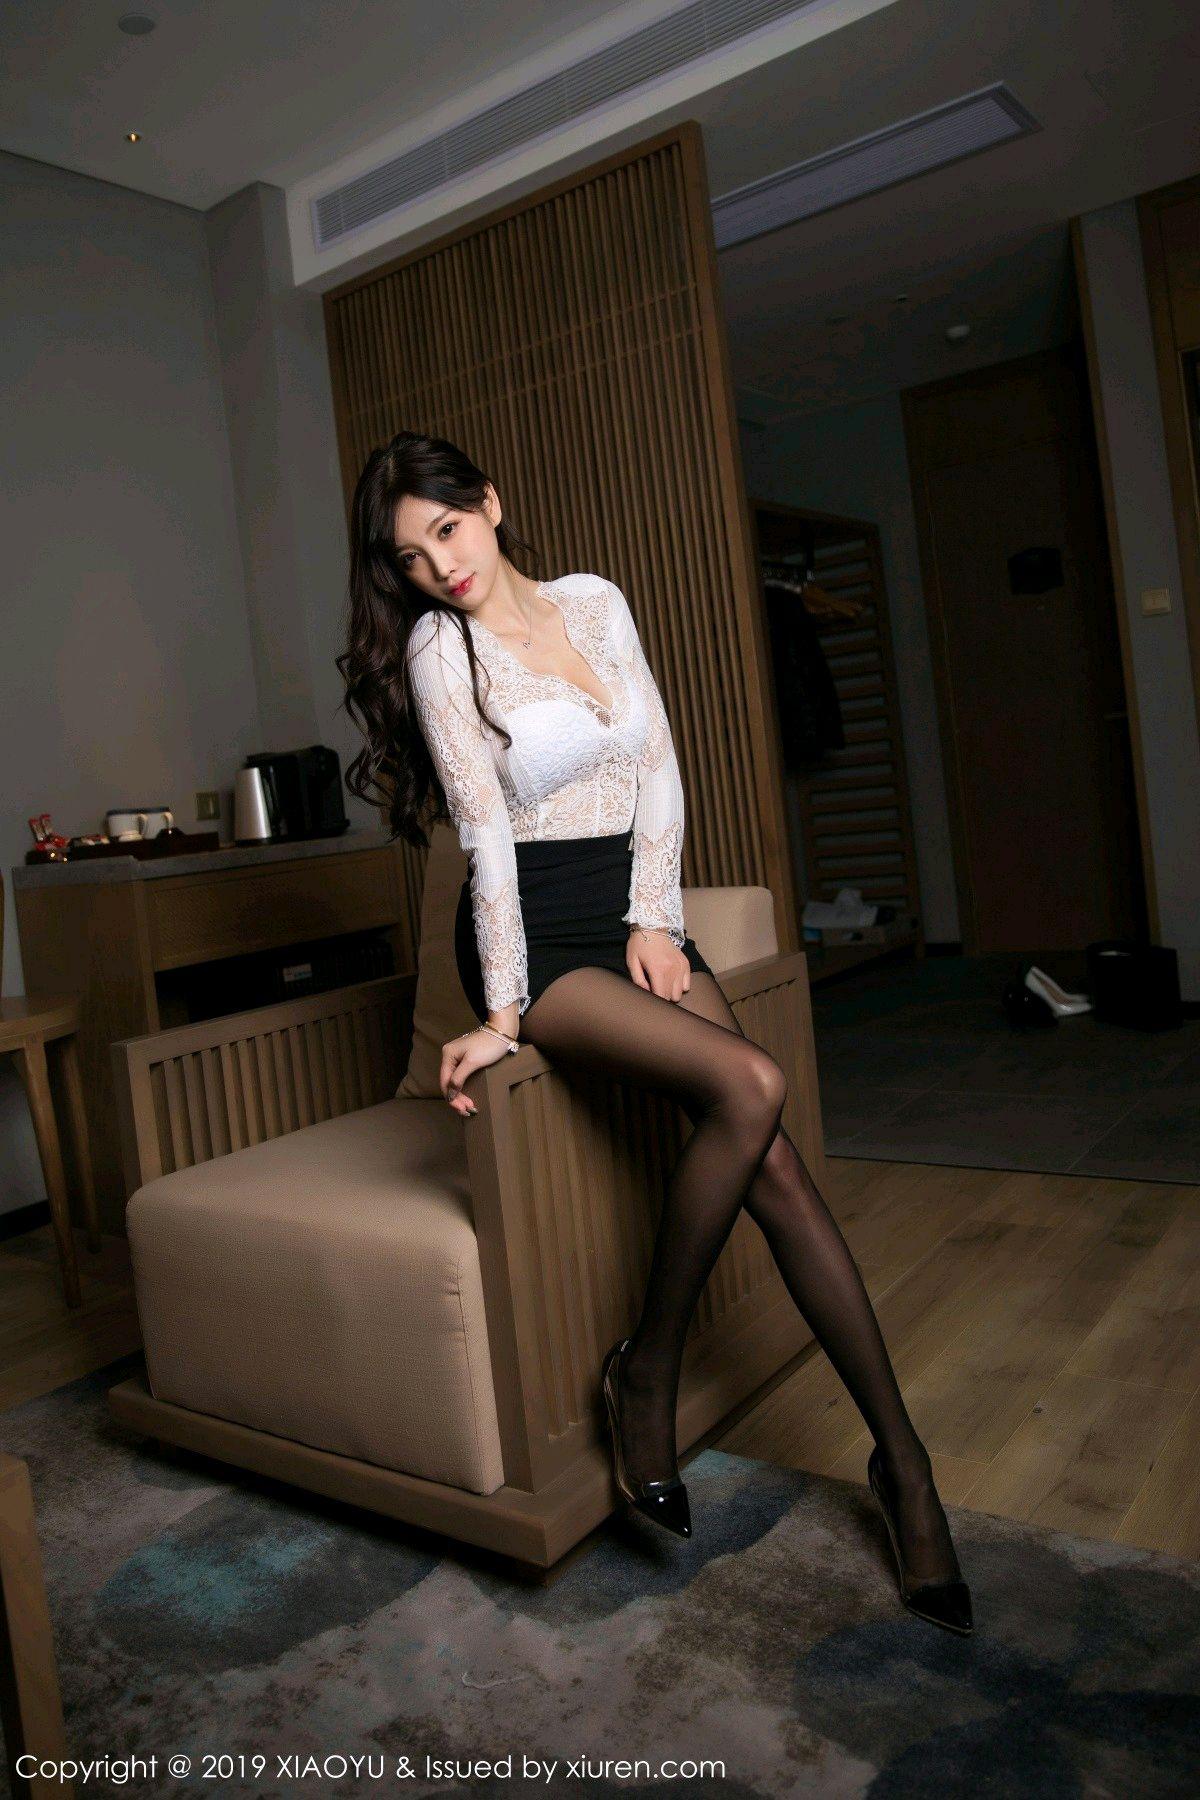 [XiaoYu] Vol.048 Yang Chen Chen 1P, Black Silk, Tall, XiaoYu, Yang Chen Chen